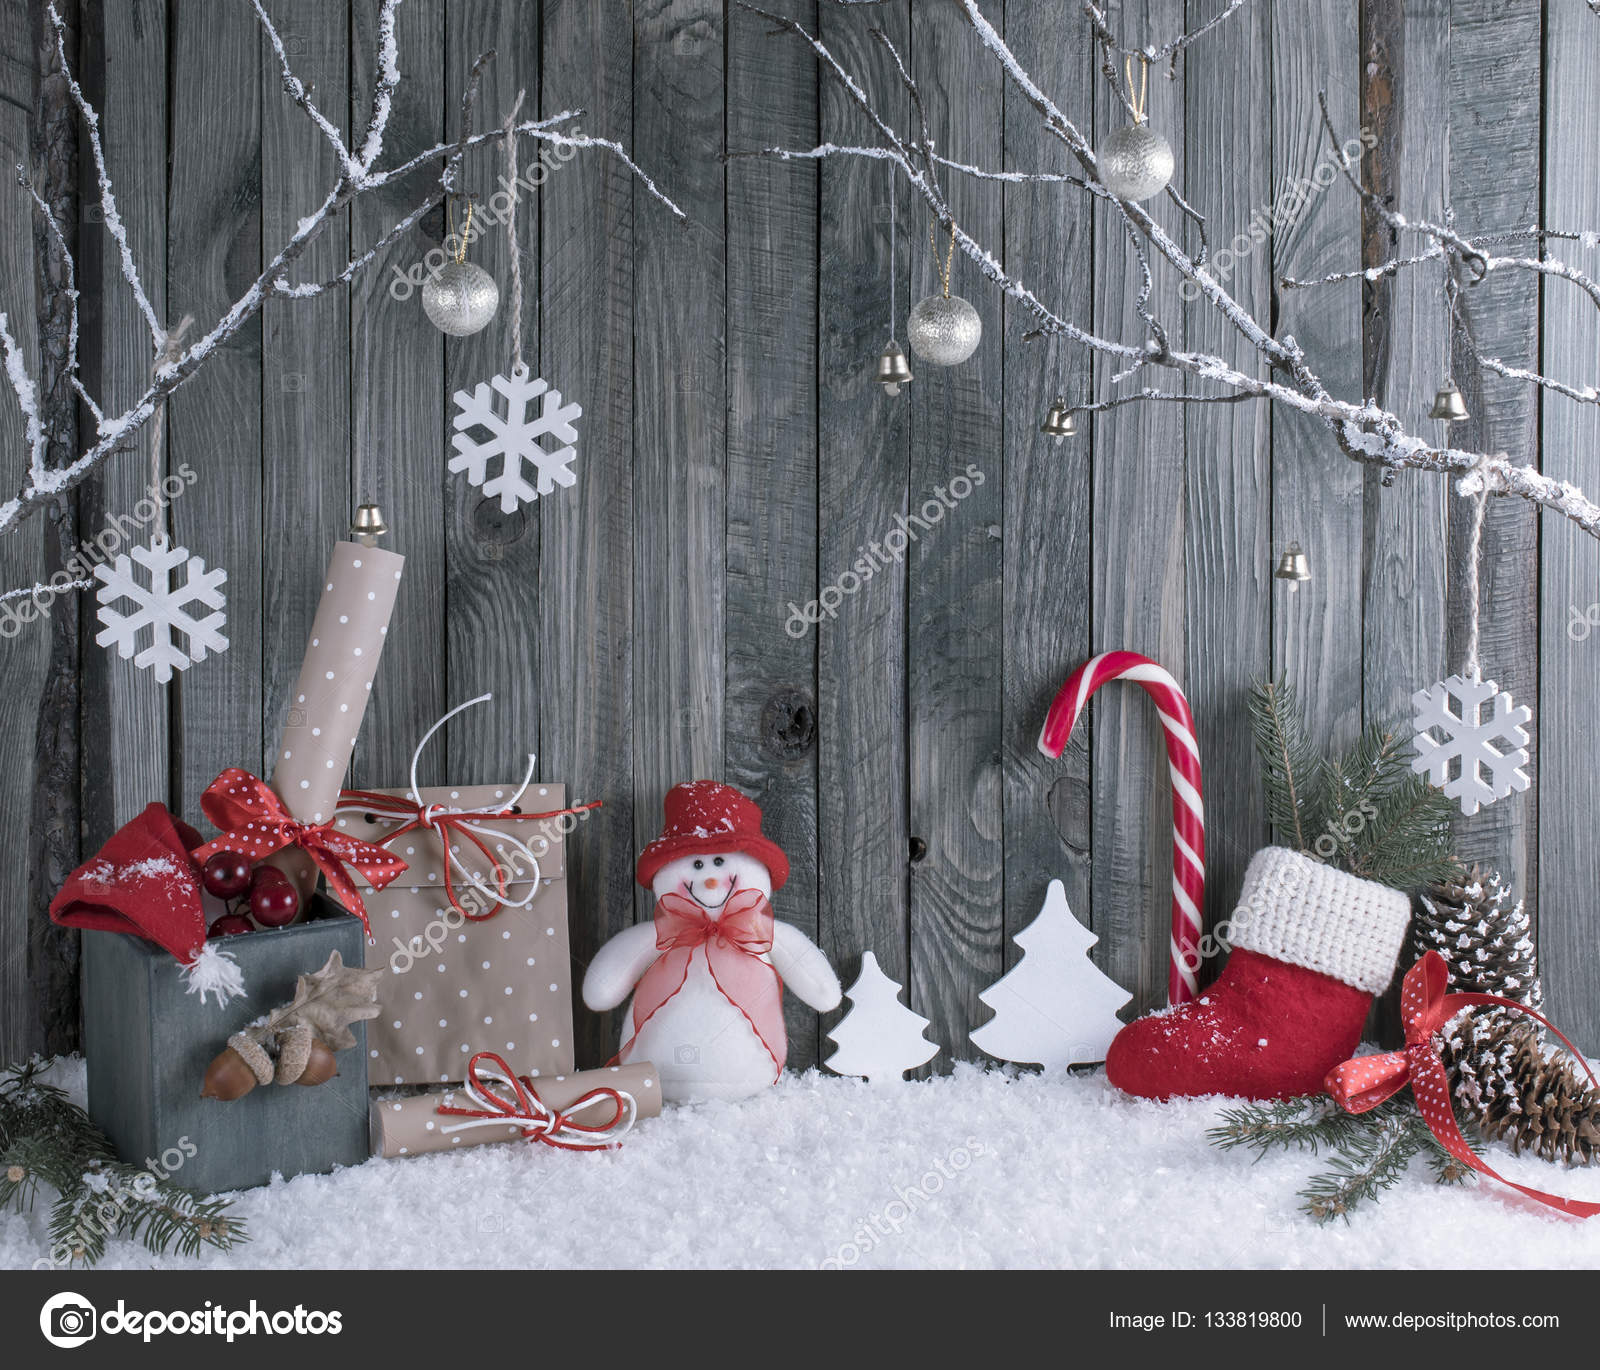 Weihnachten-Interieur mit dekorative Zweige, Geschenke und ...